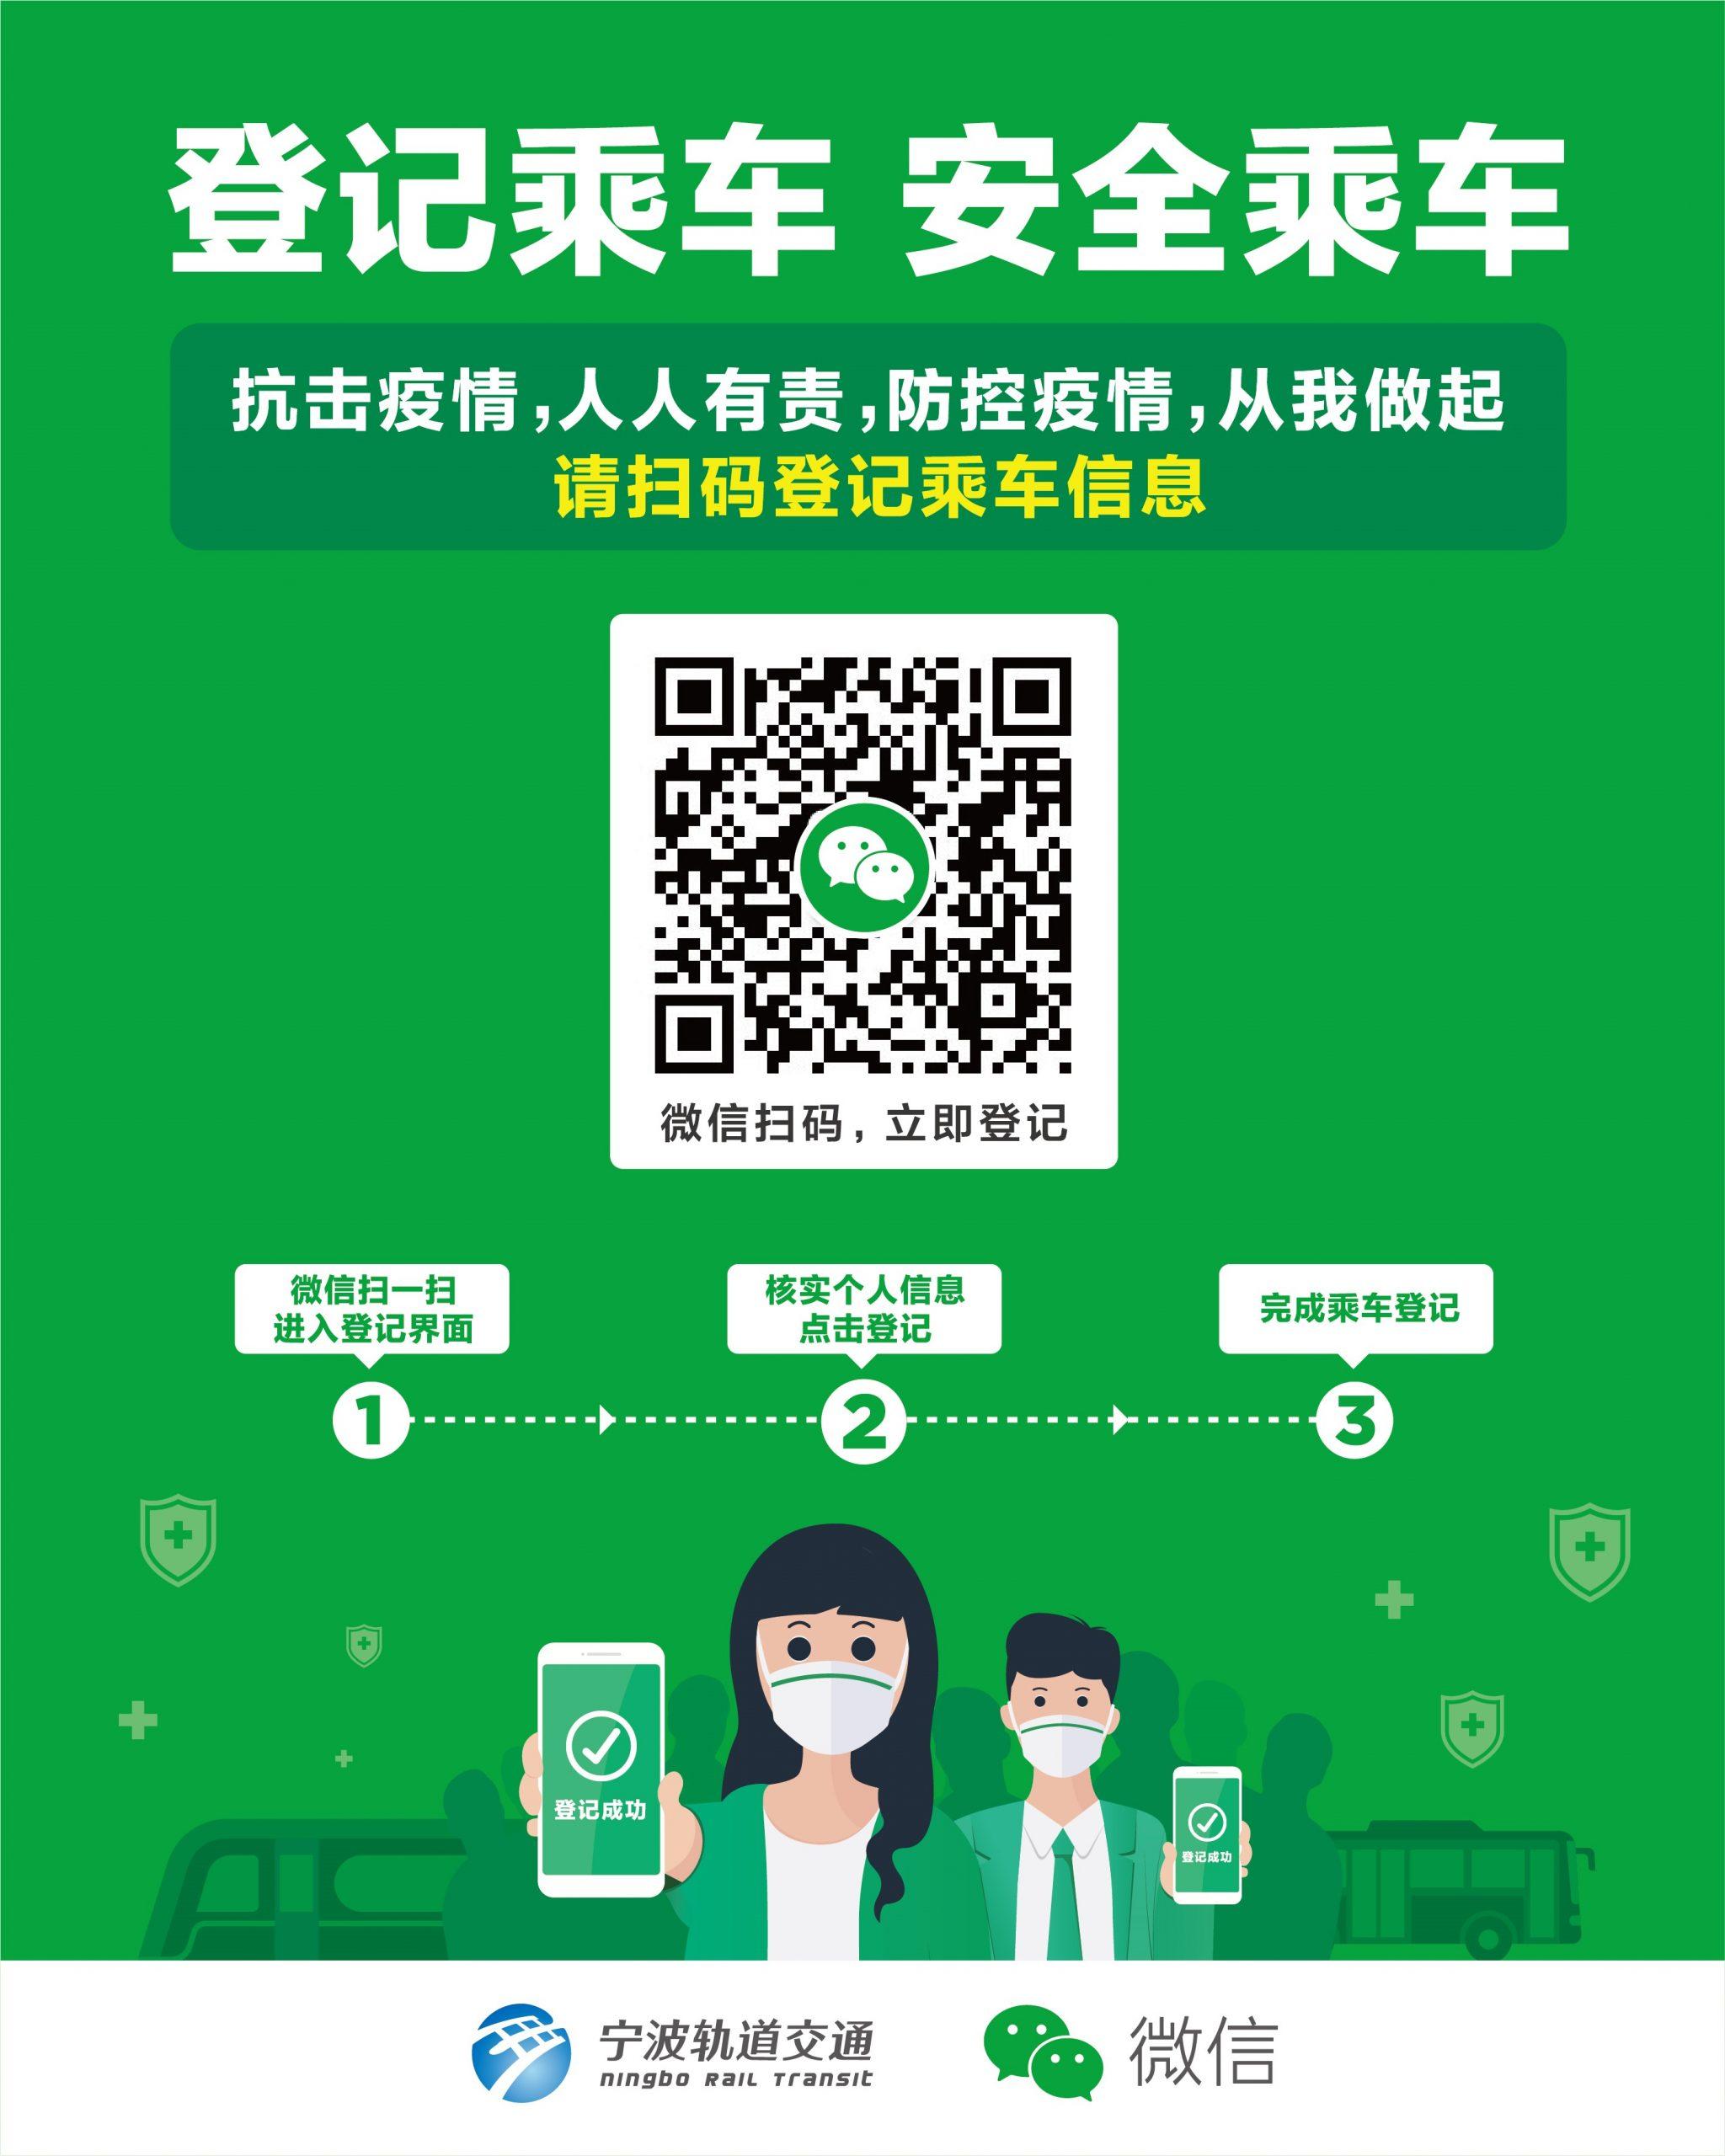 """腾迅""""乘车登记码""""在宁波地铁发布,无触碰登记,为交通出行保驾护航"""